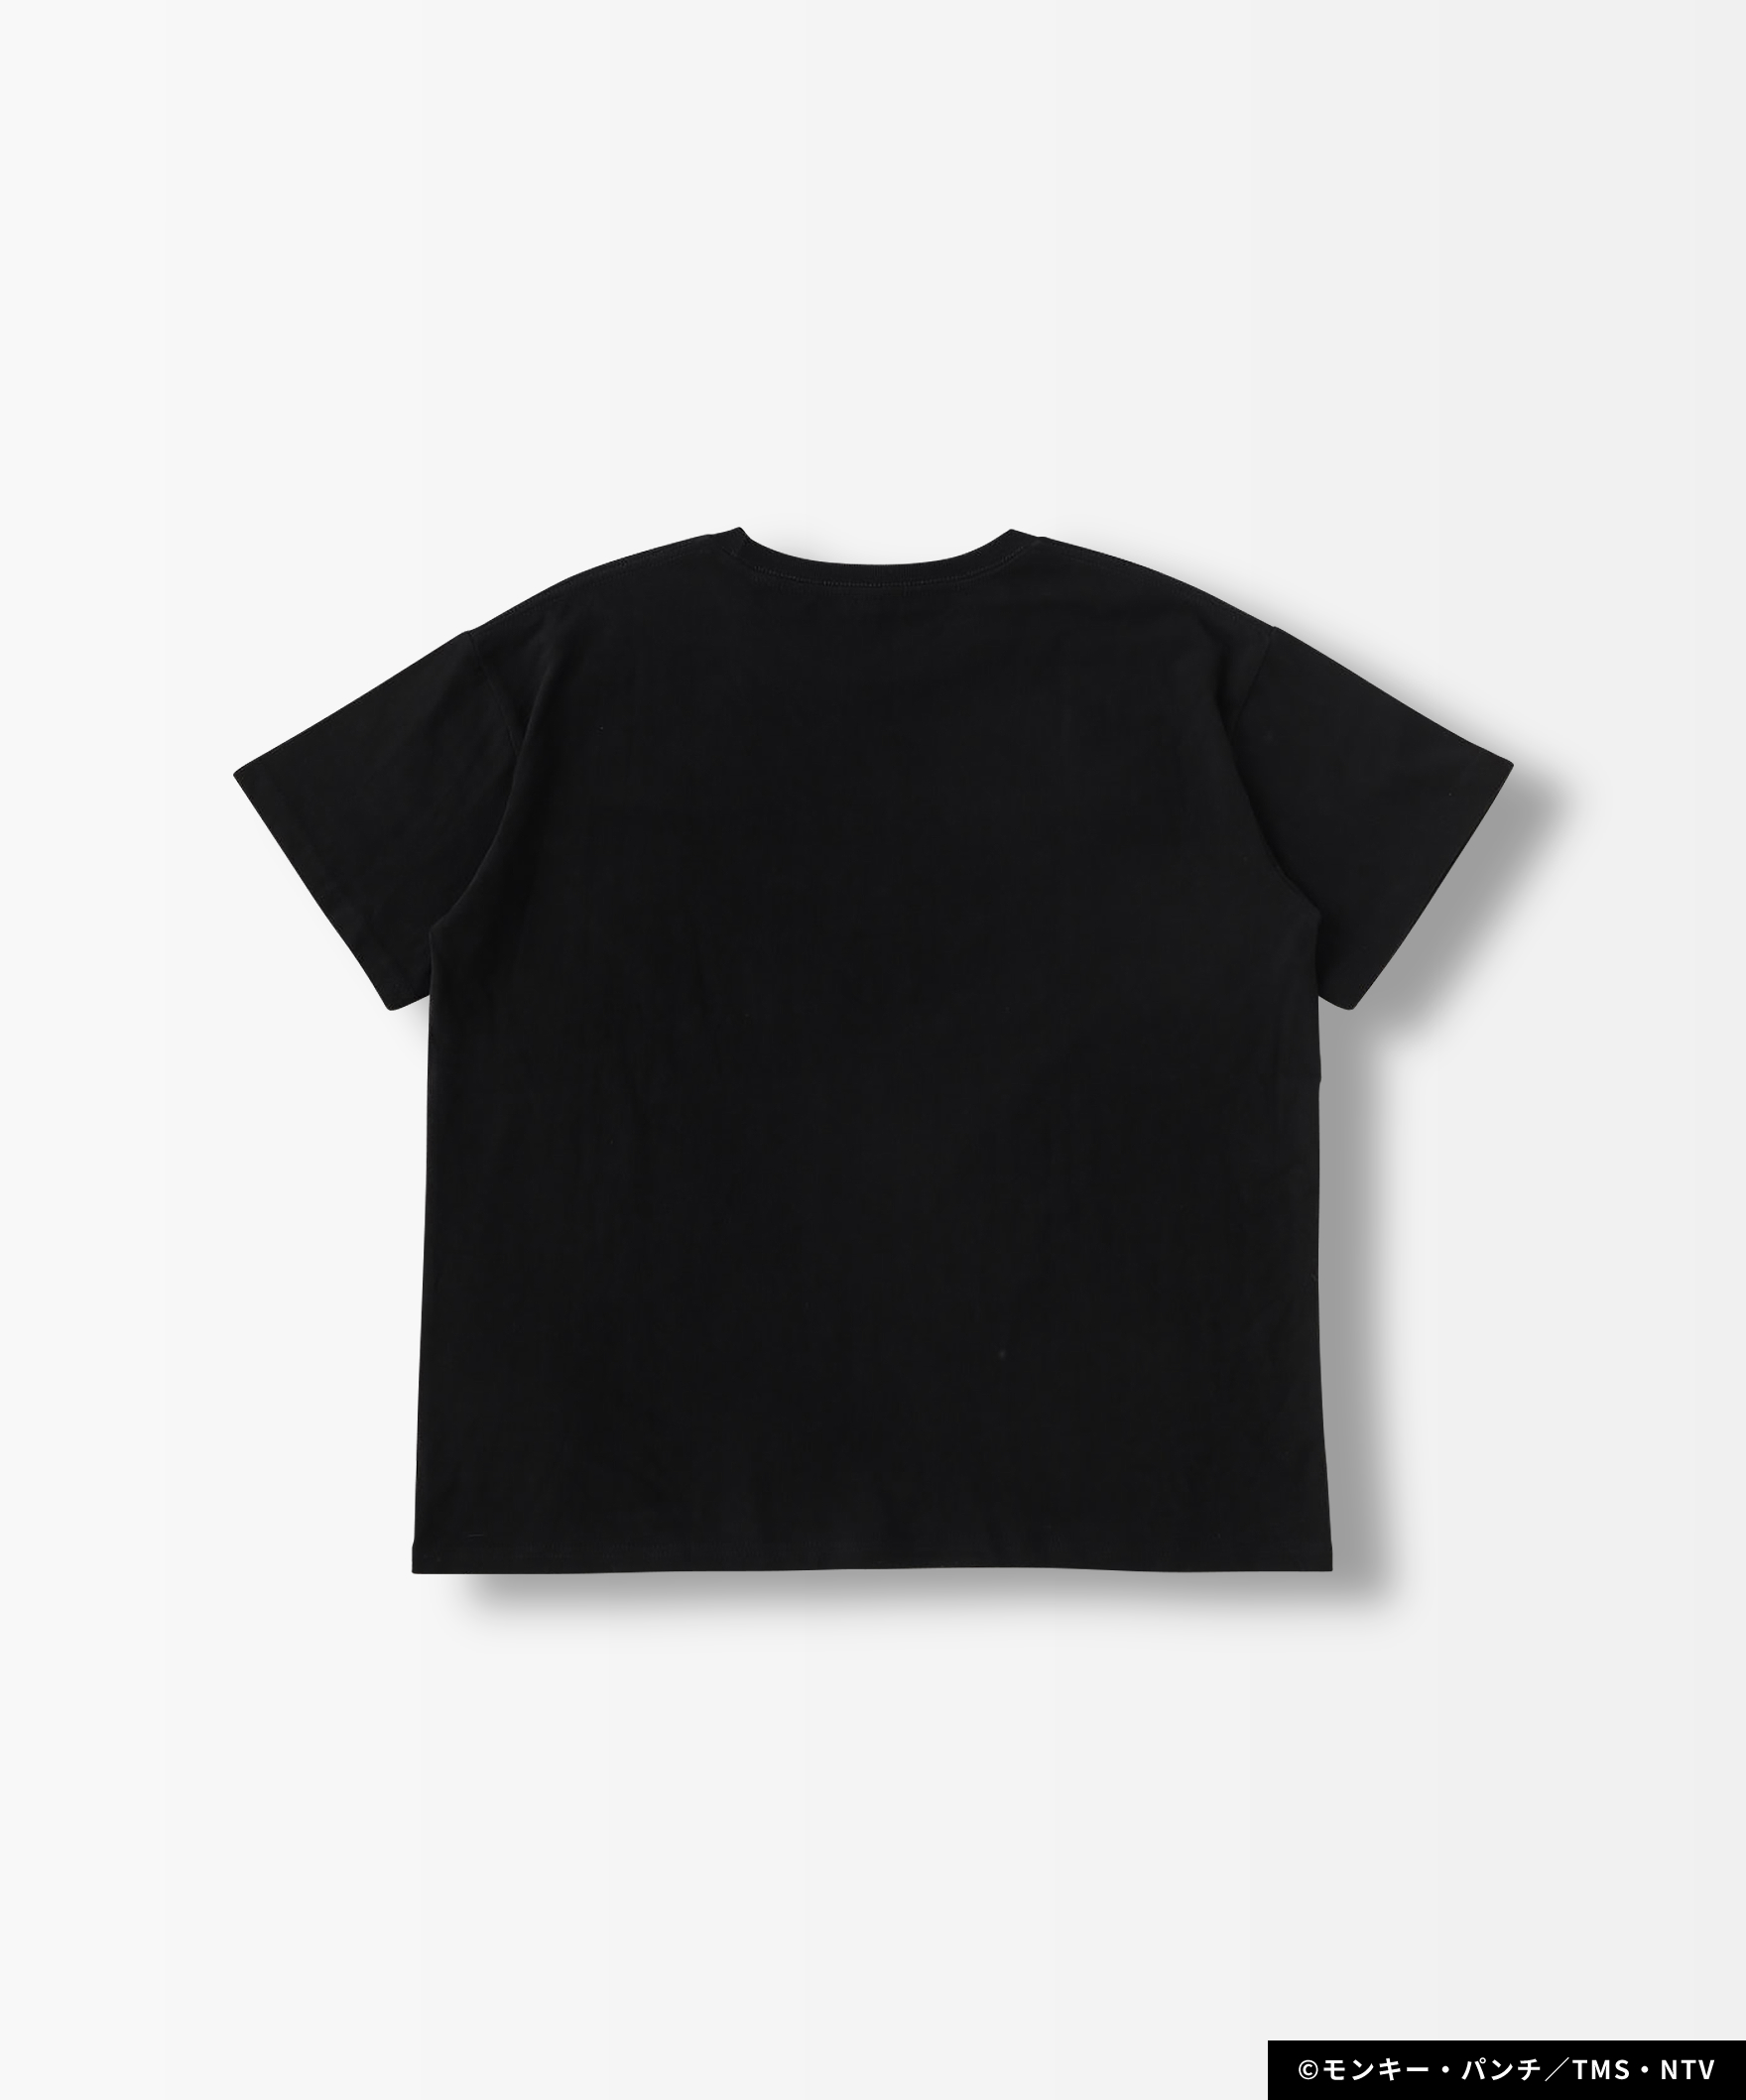 峰不二子ピンナップガールTシャツ